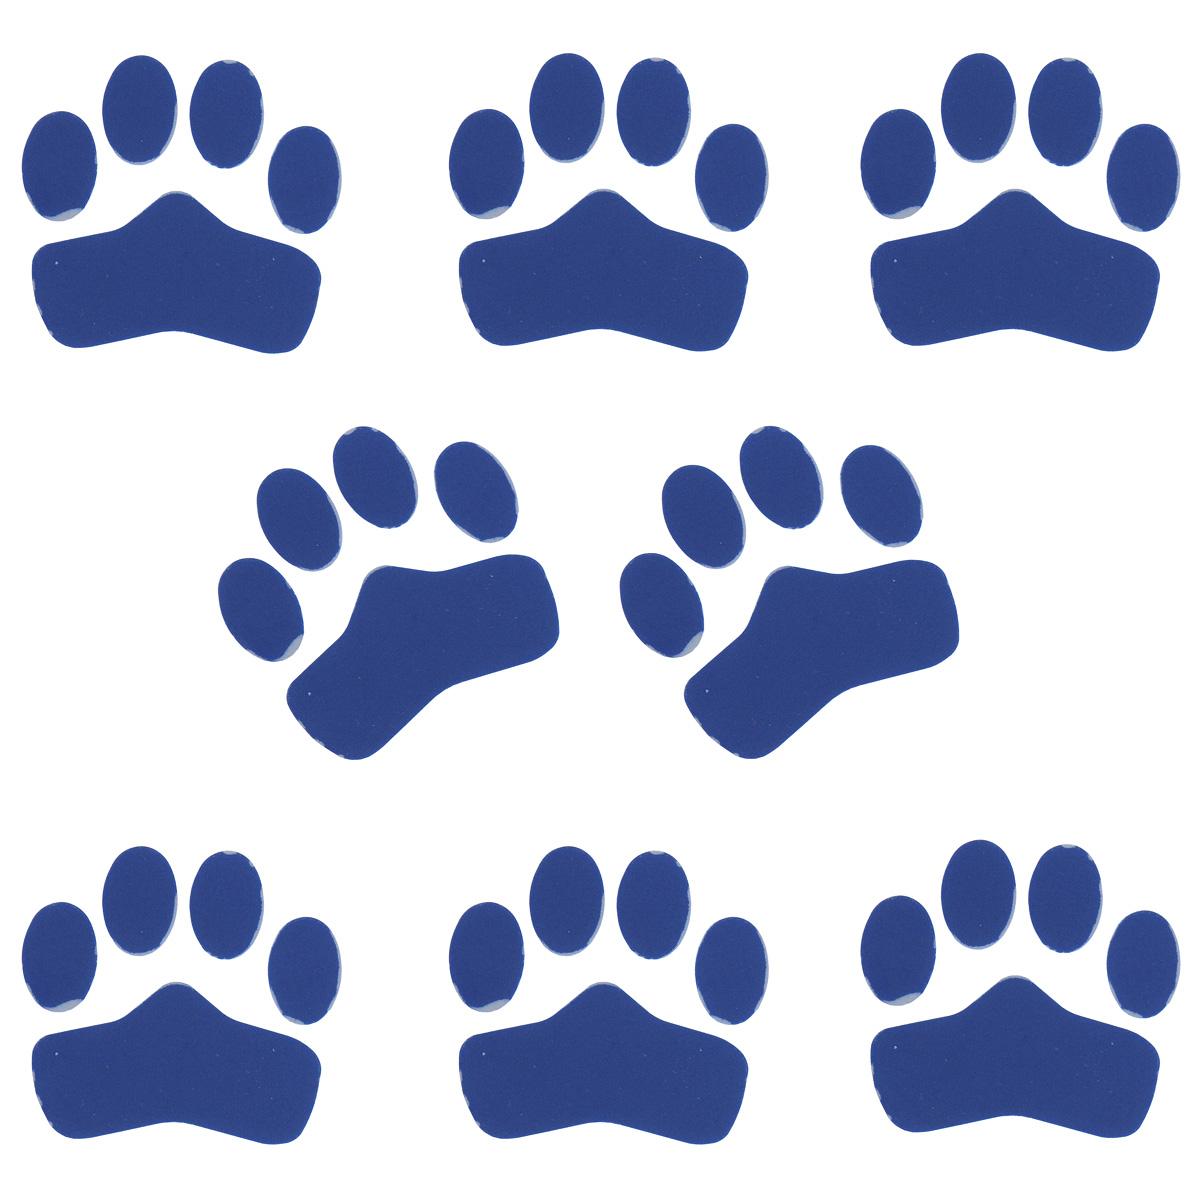 Противоскользящие наклейки для приклеивания к носкам Regia, цвет: синий, 8 шт. 9824510098245100-синийПротивоскользящие наклейки Regia изготовлены из ABS пластика и предназначены для приклеивания к носкам. Наклейки выполнены в виде кошачьих лапок. Приклейте их утюгом к подошве носочка и вашему ребеночку будет удобнее ходить по скользкому полу.